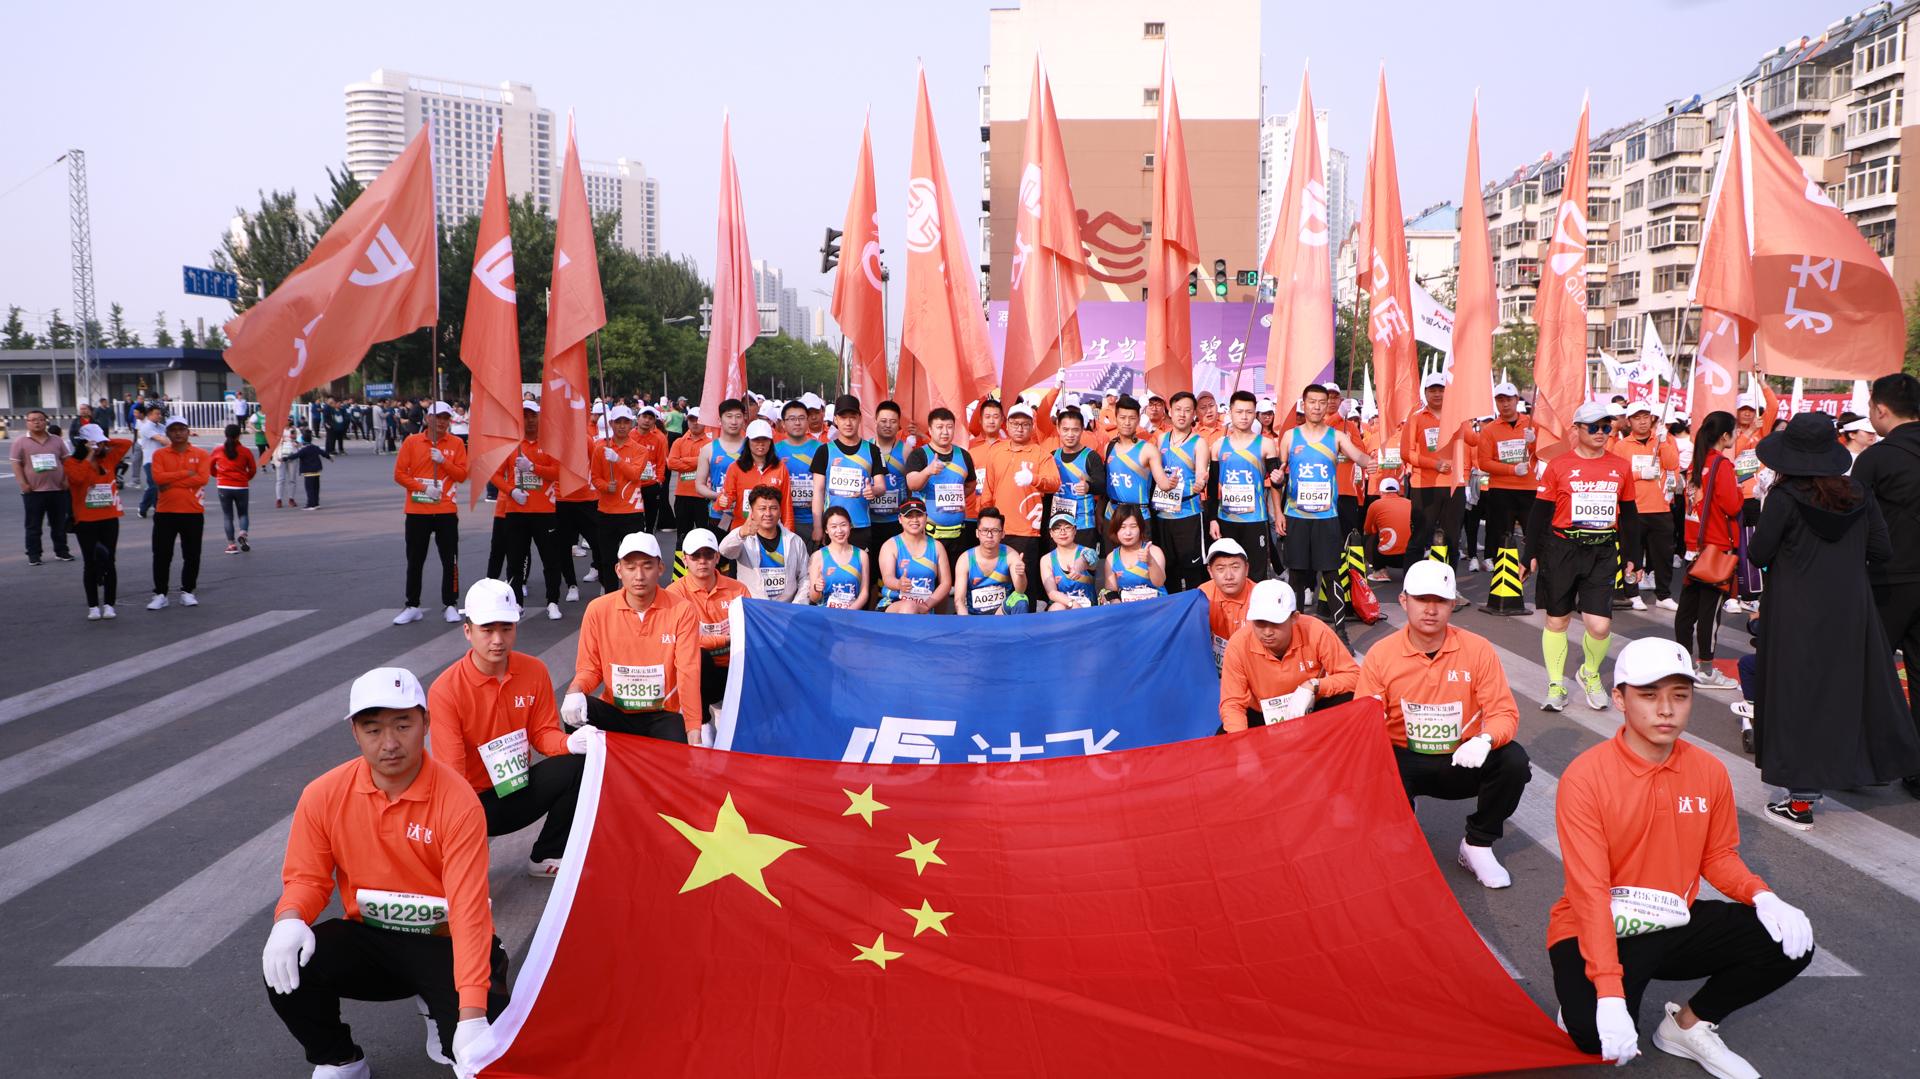 向未来奔跑!2019年秦皇岛国际马拉松,跑出达飞人的精气神!